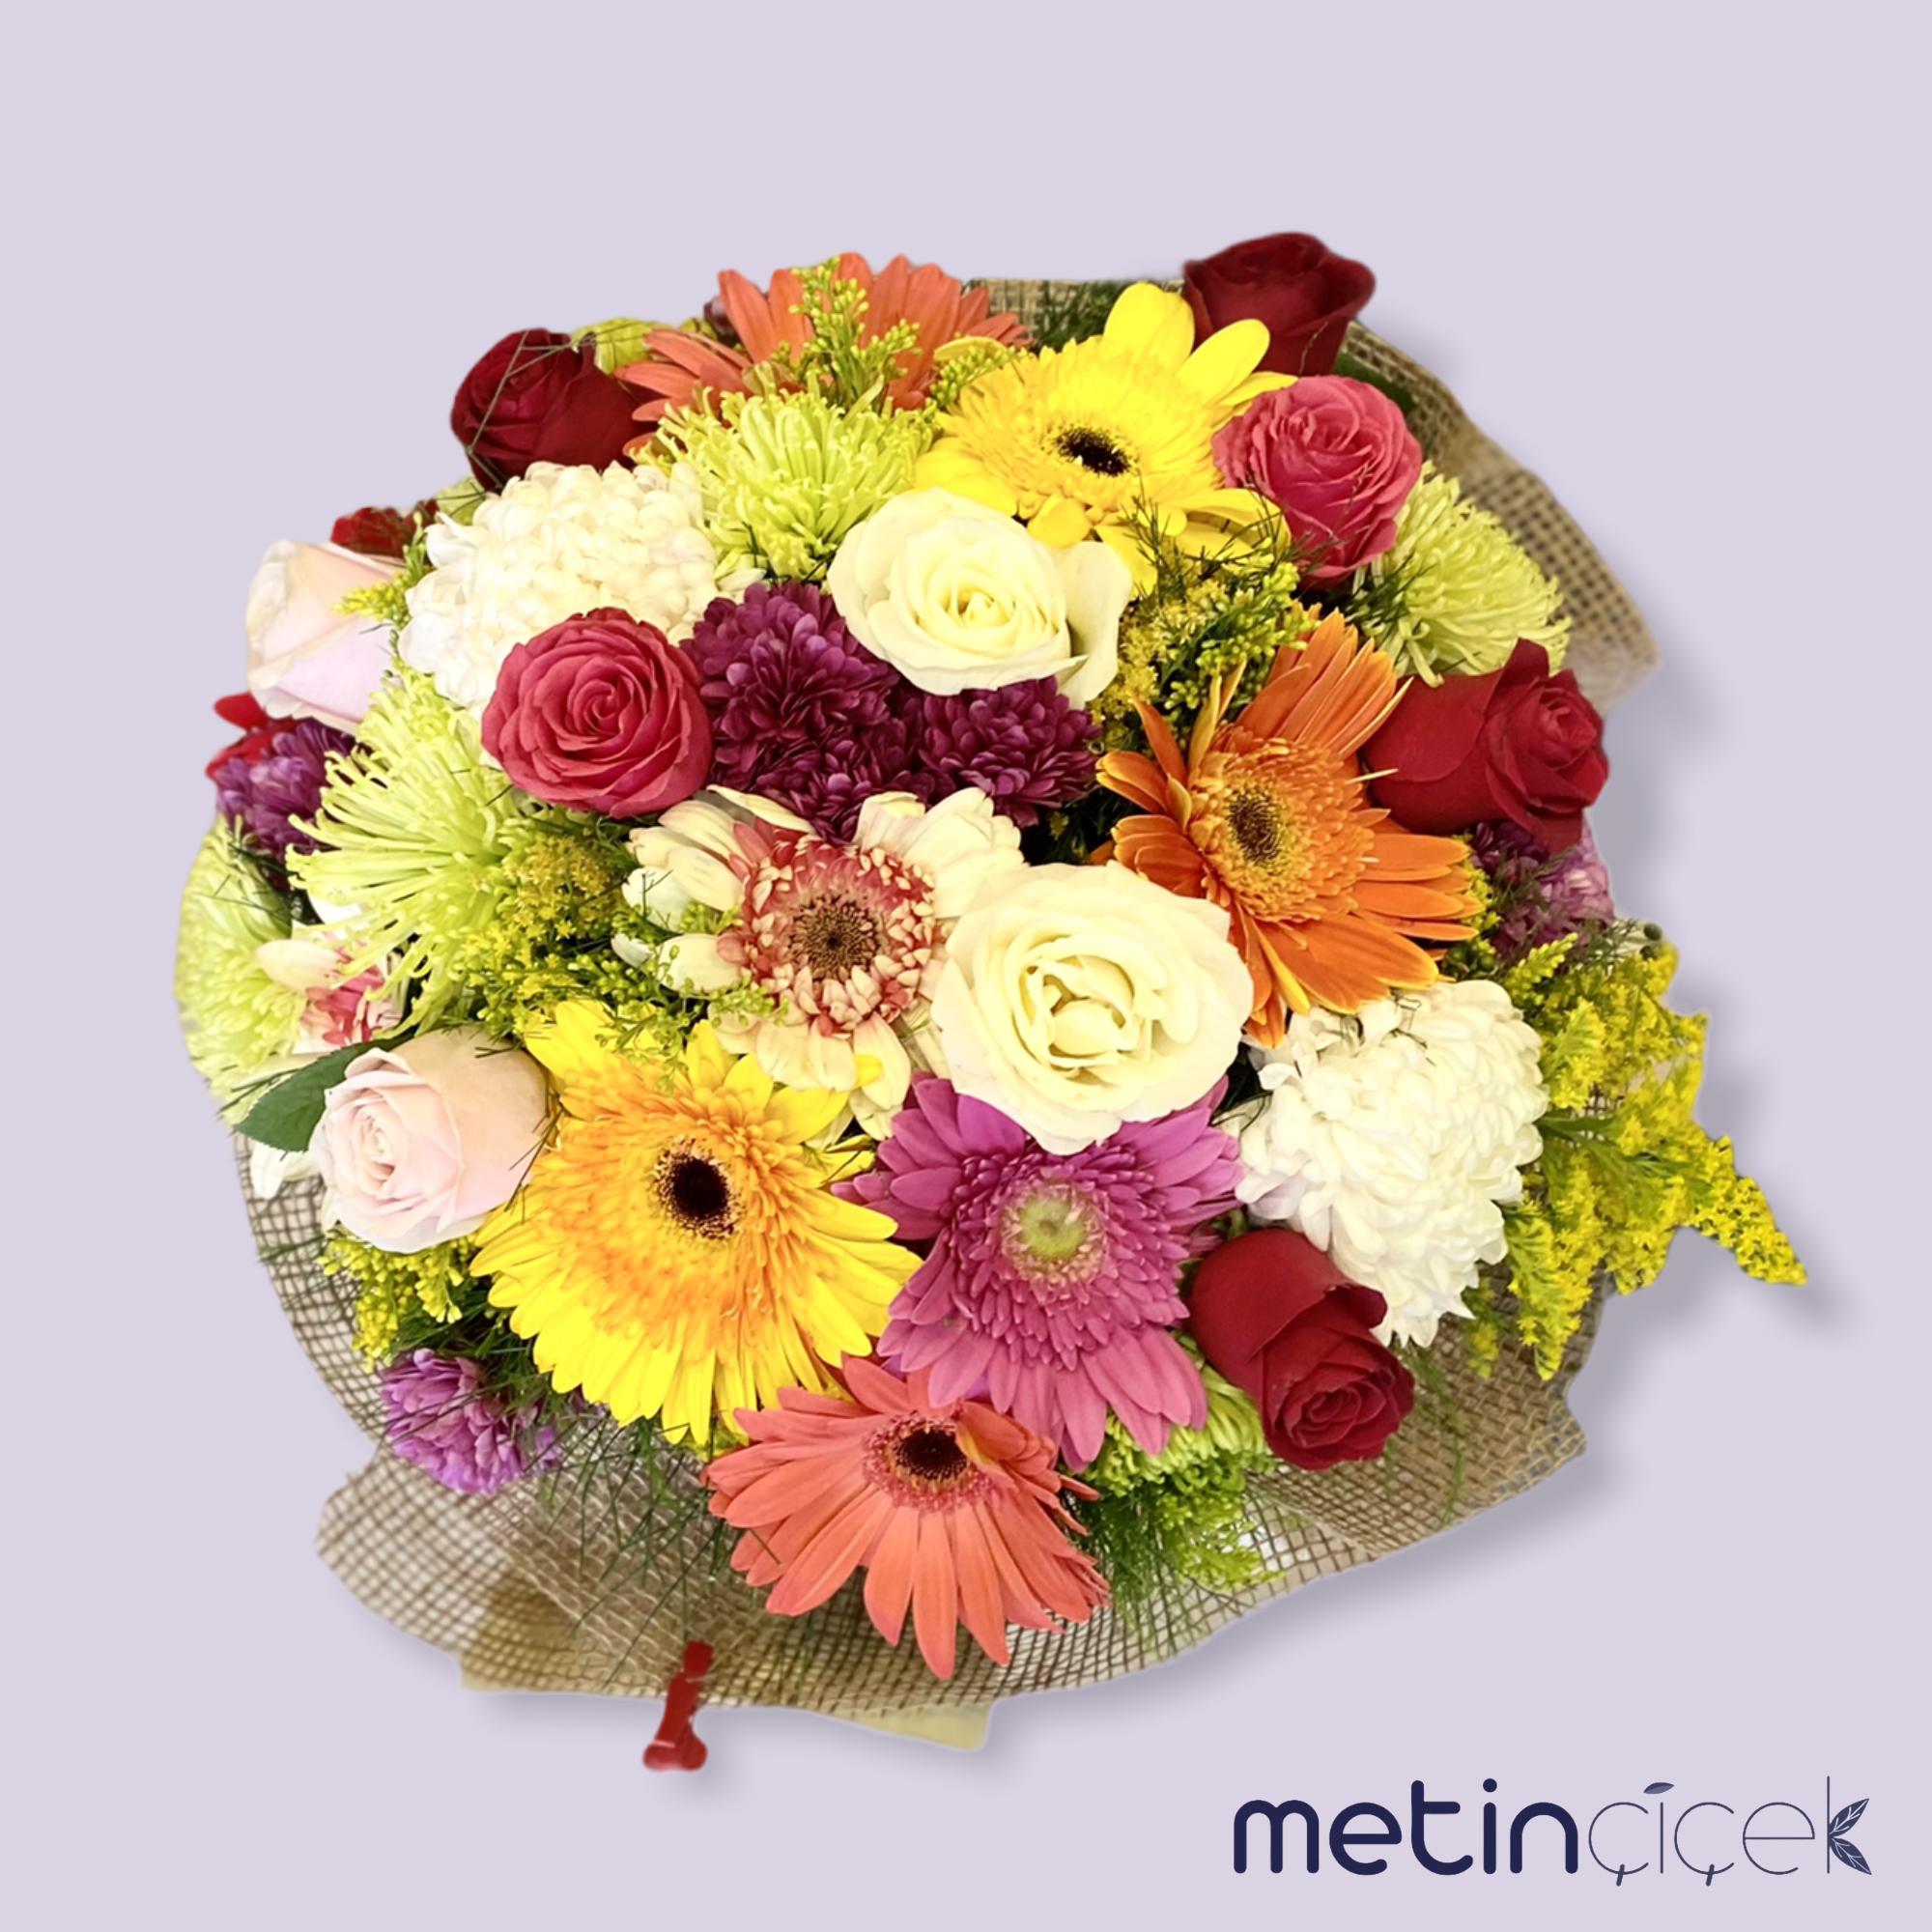 Mevsim Çiçekleri ve 10 Adet Gül